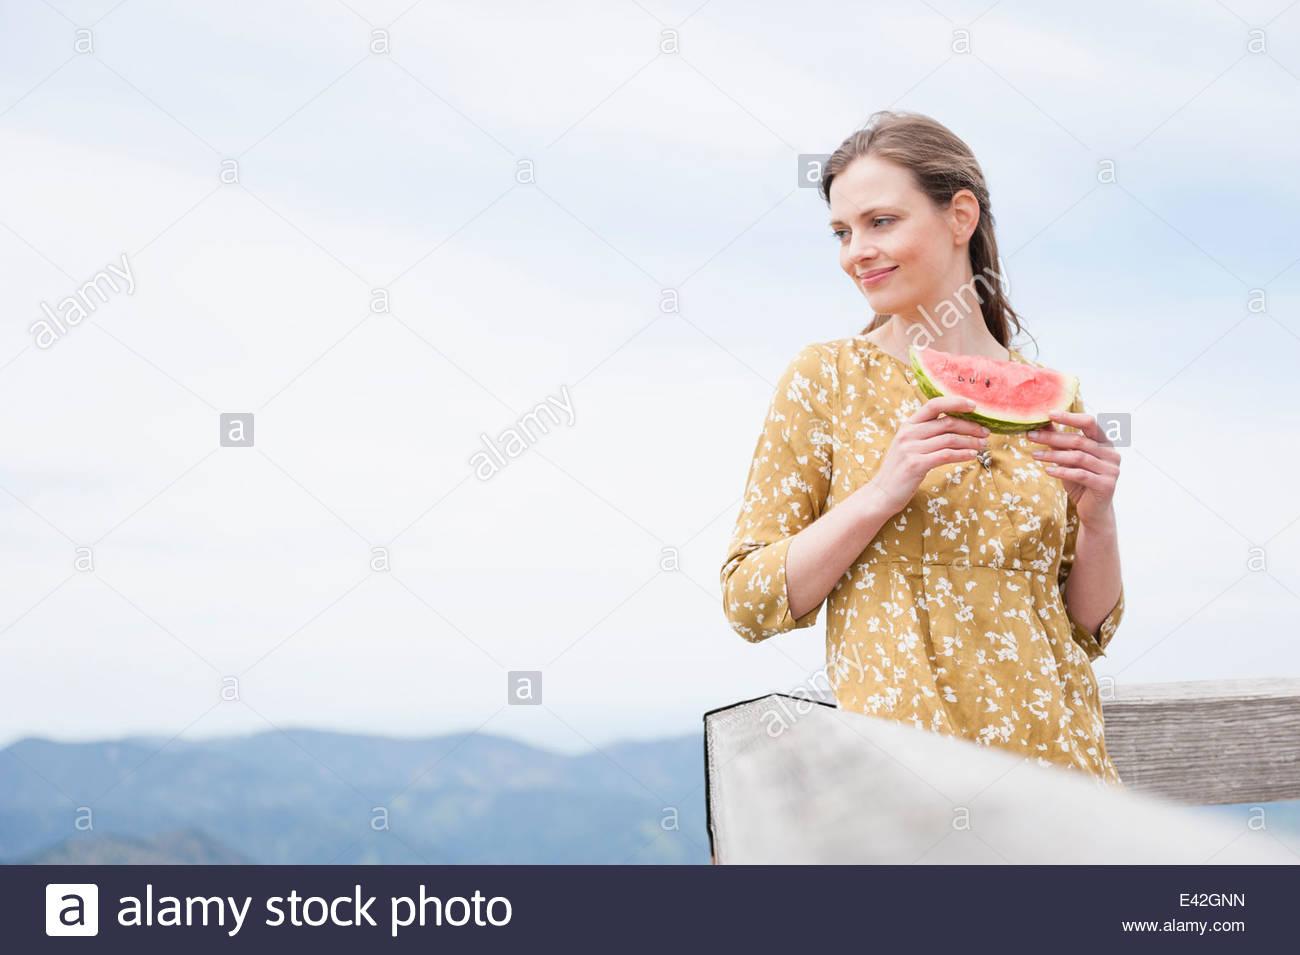 Mitte Erwachsene Frau Essen Wassermelone, Wallberg, Tegernsee, Bayern, Deutschland Stockbild